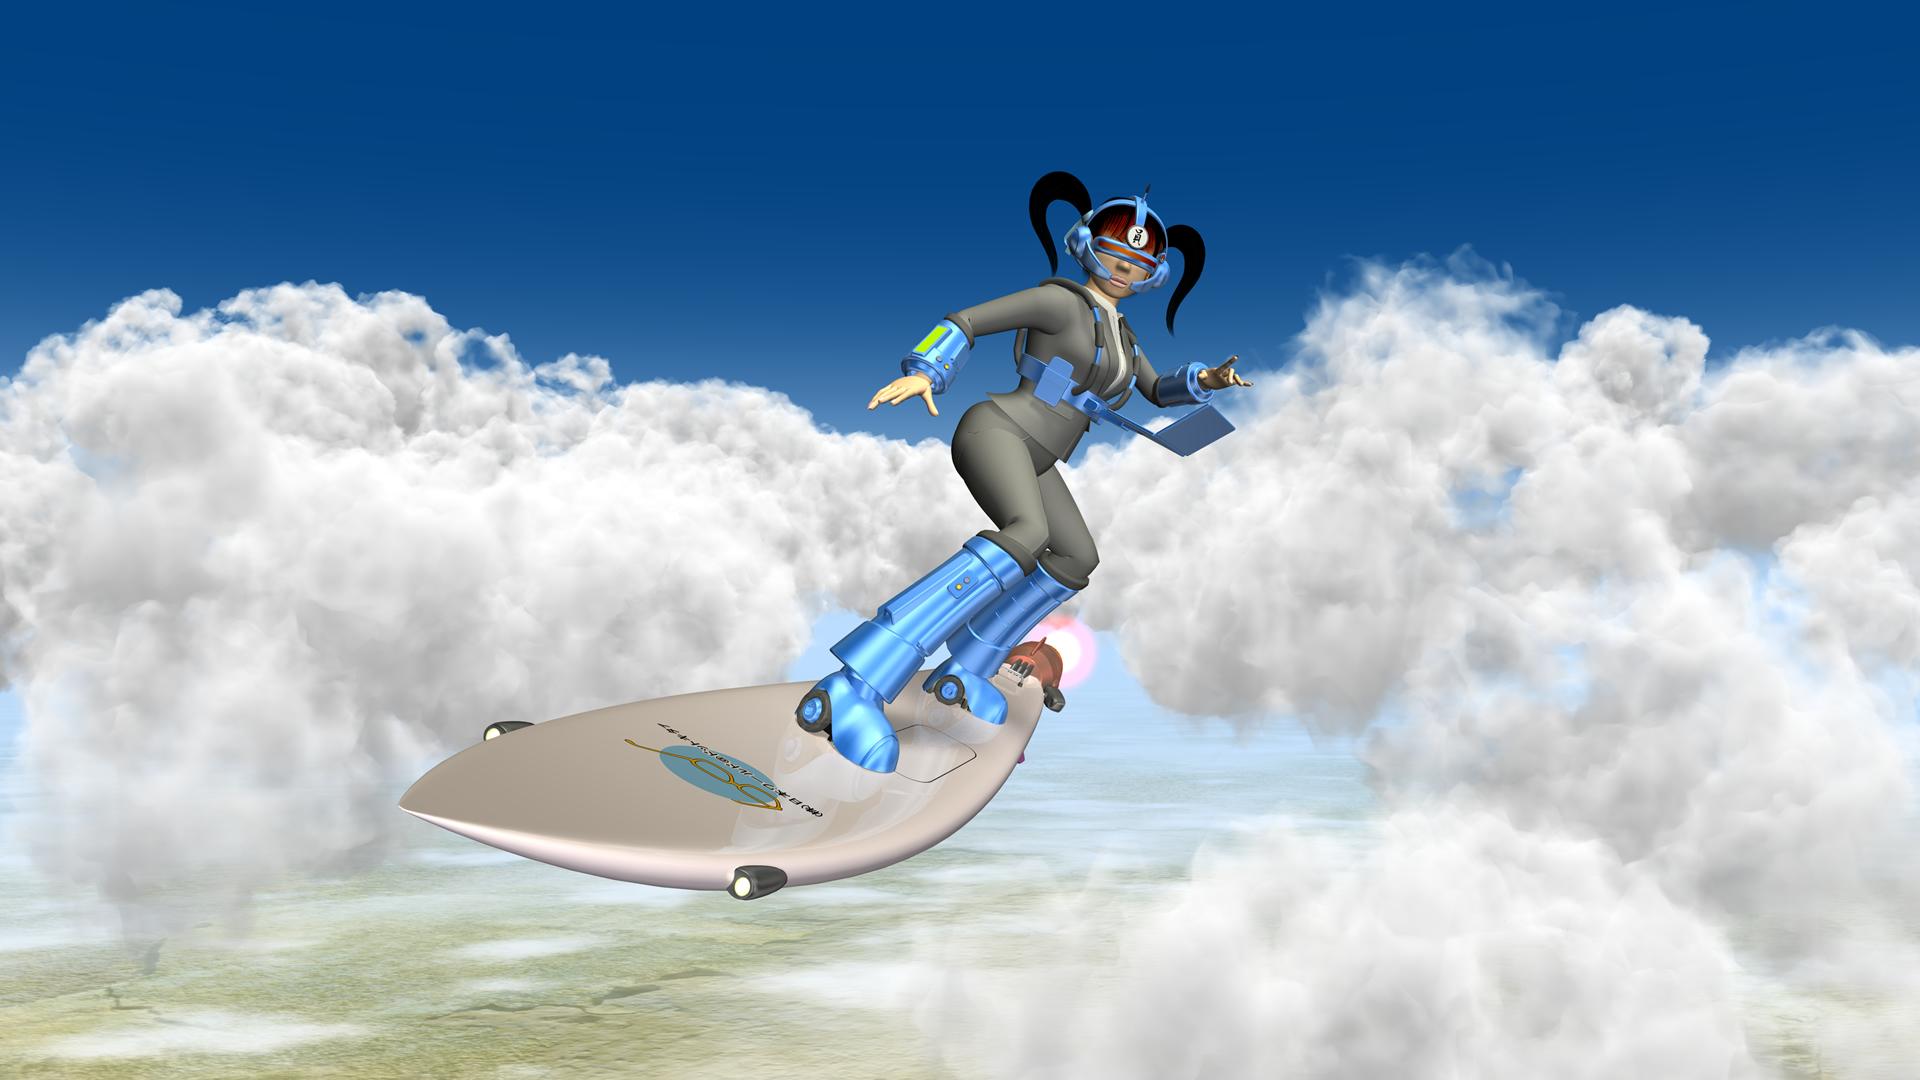 3DキャラクターOLのサーフィン